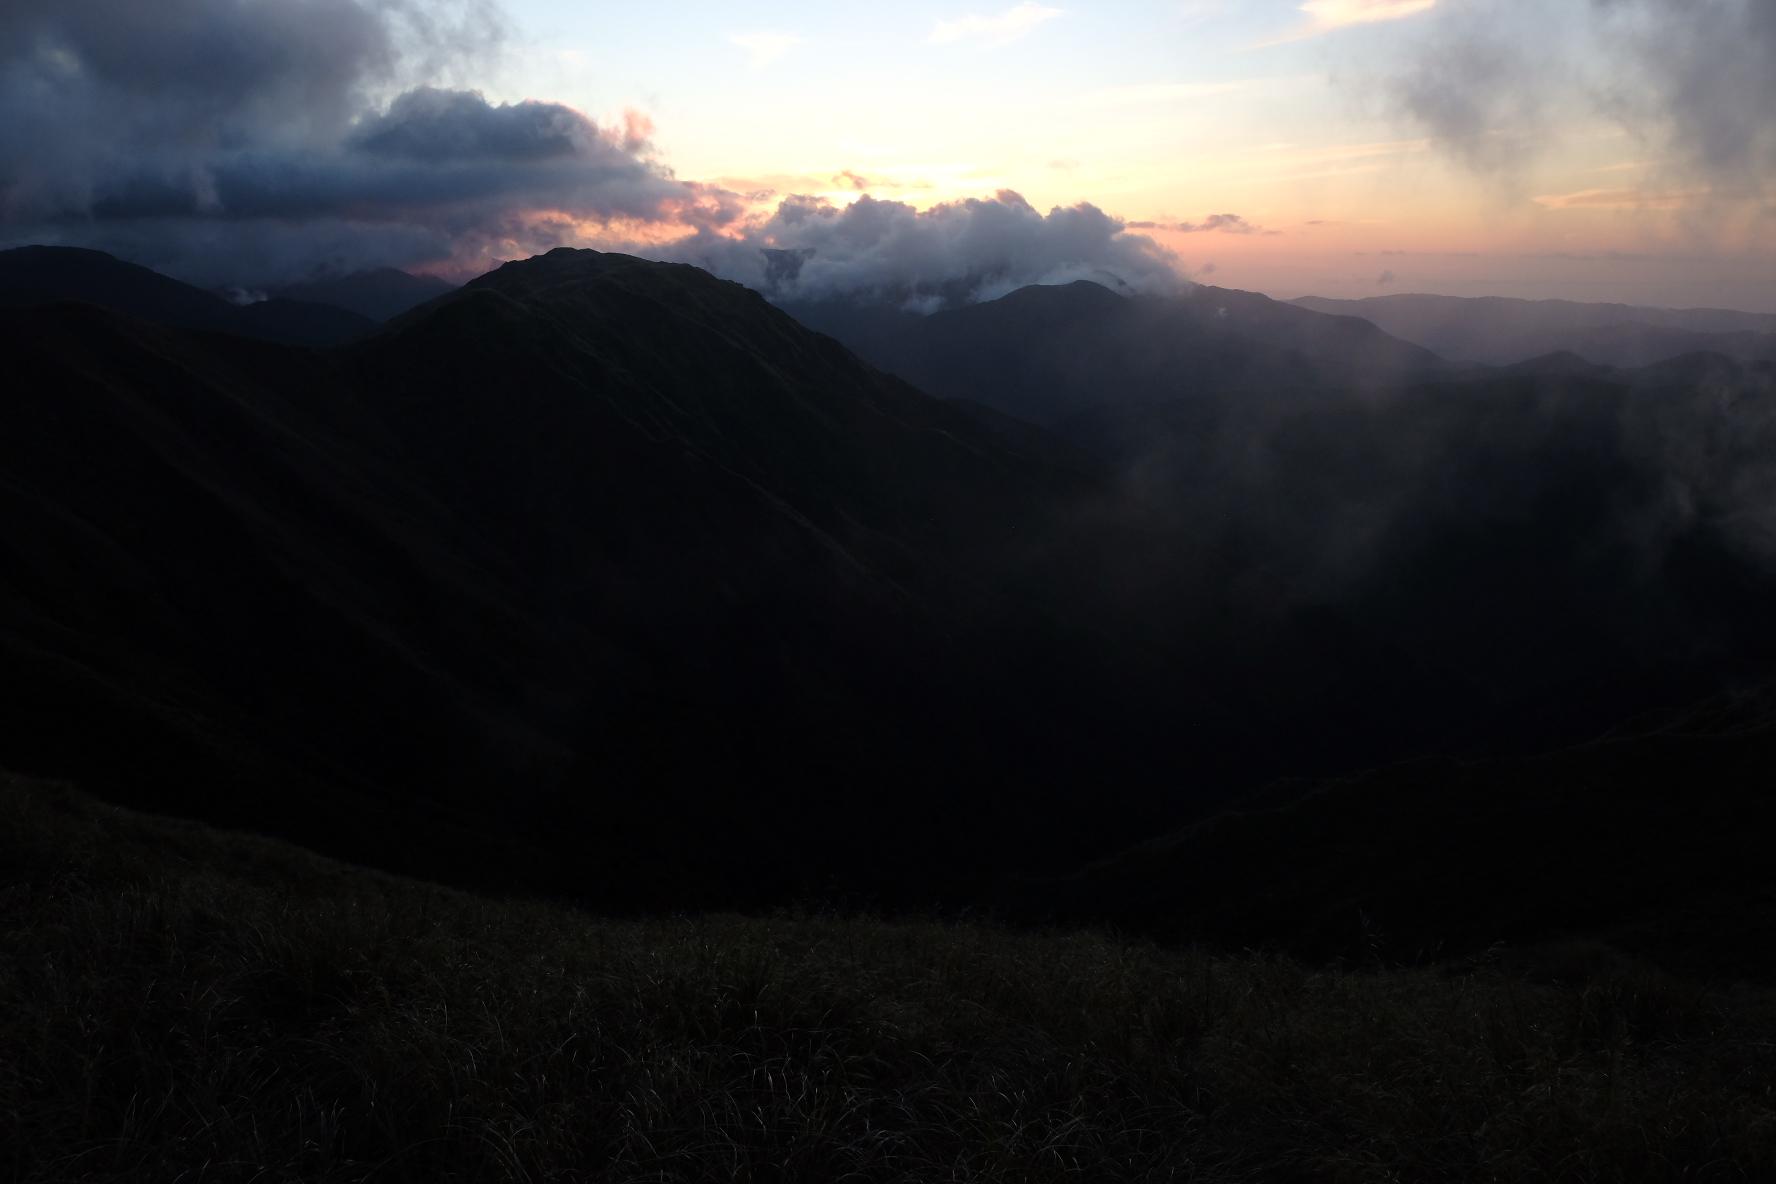 Sunset on the ridges